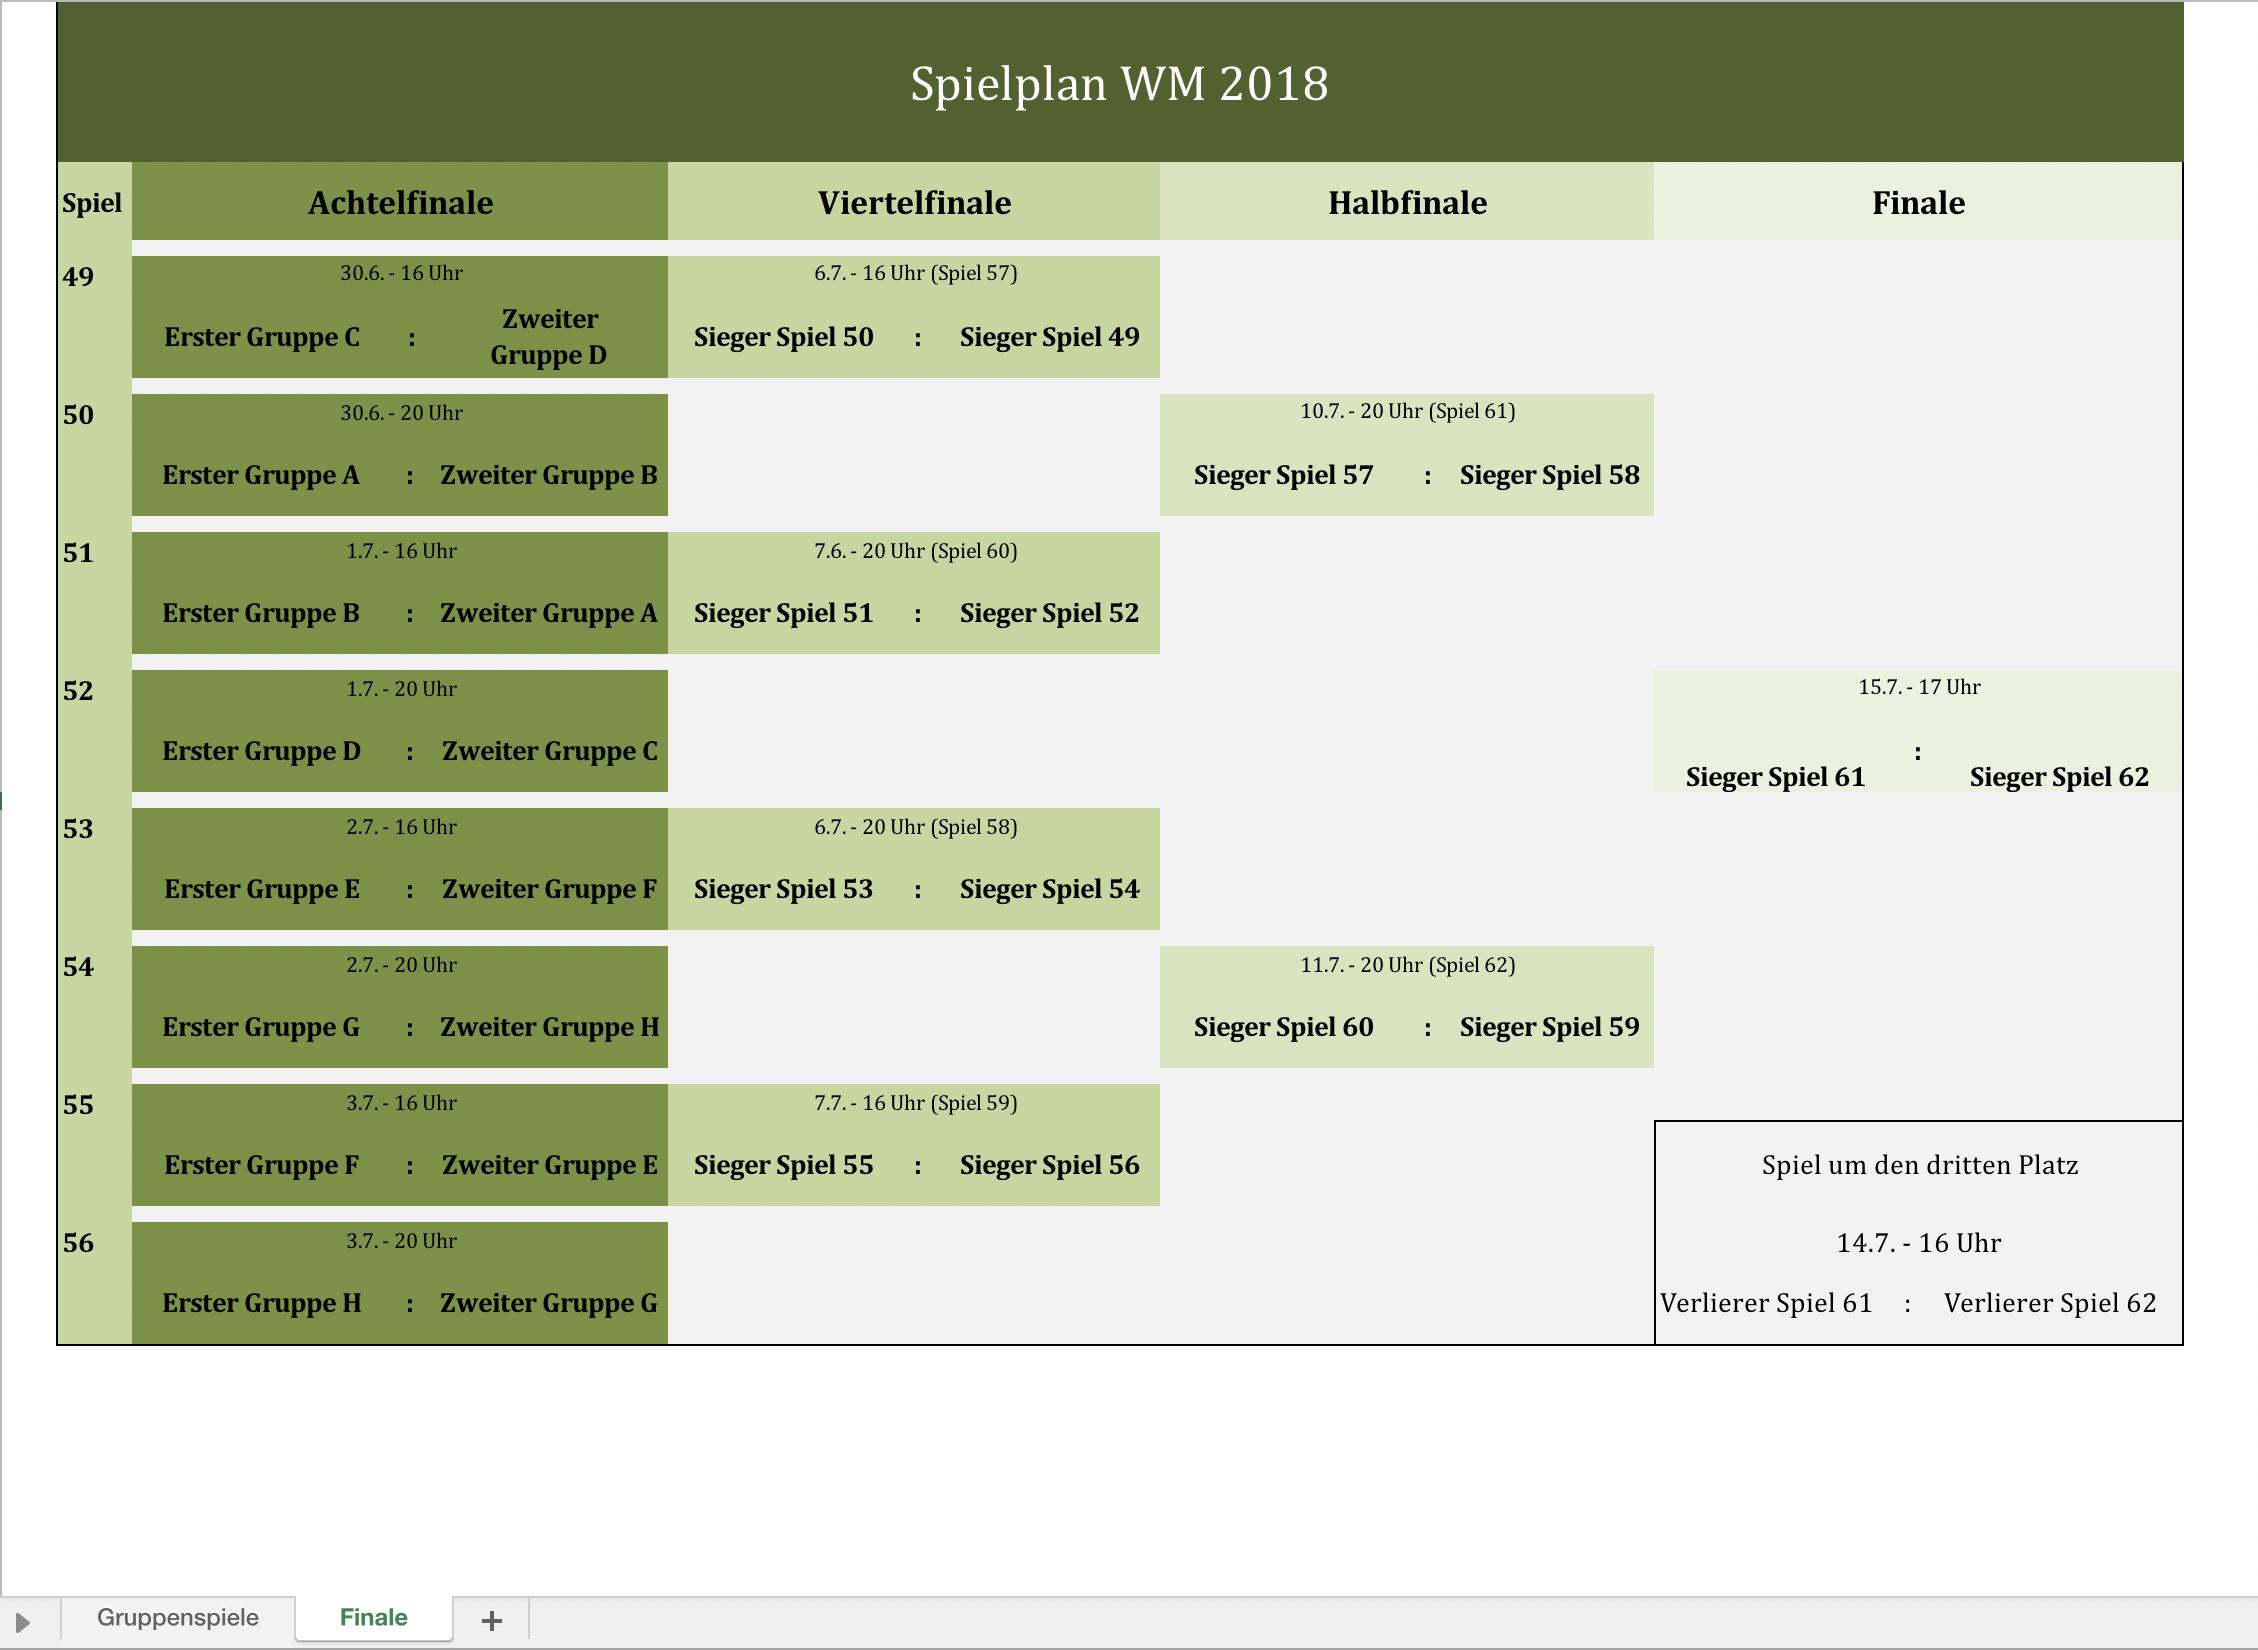 Spielplan WM 2018 mit Excel